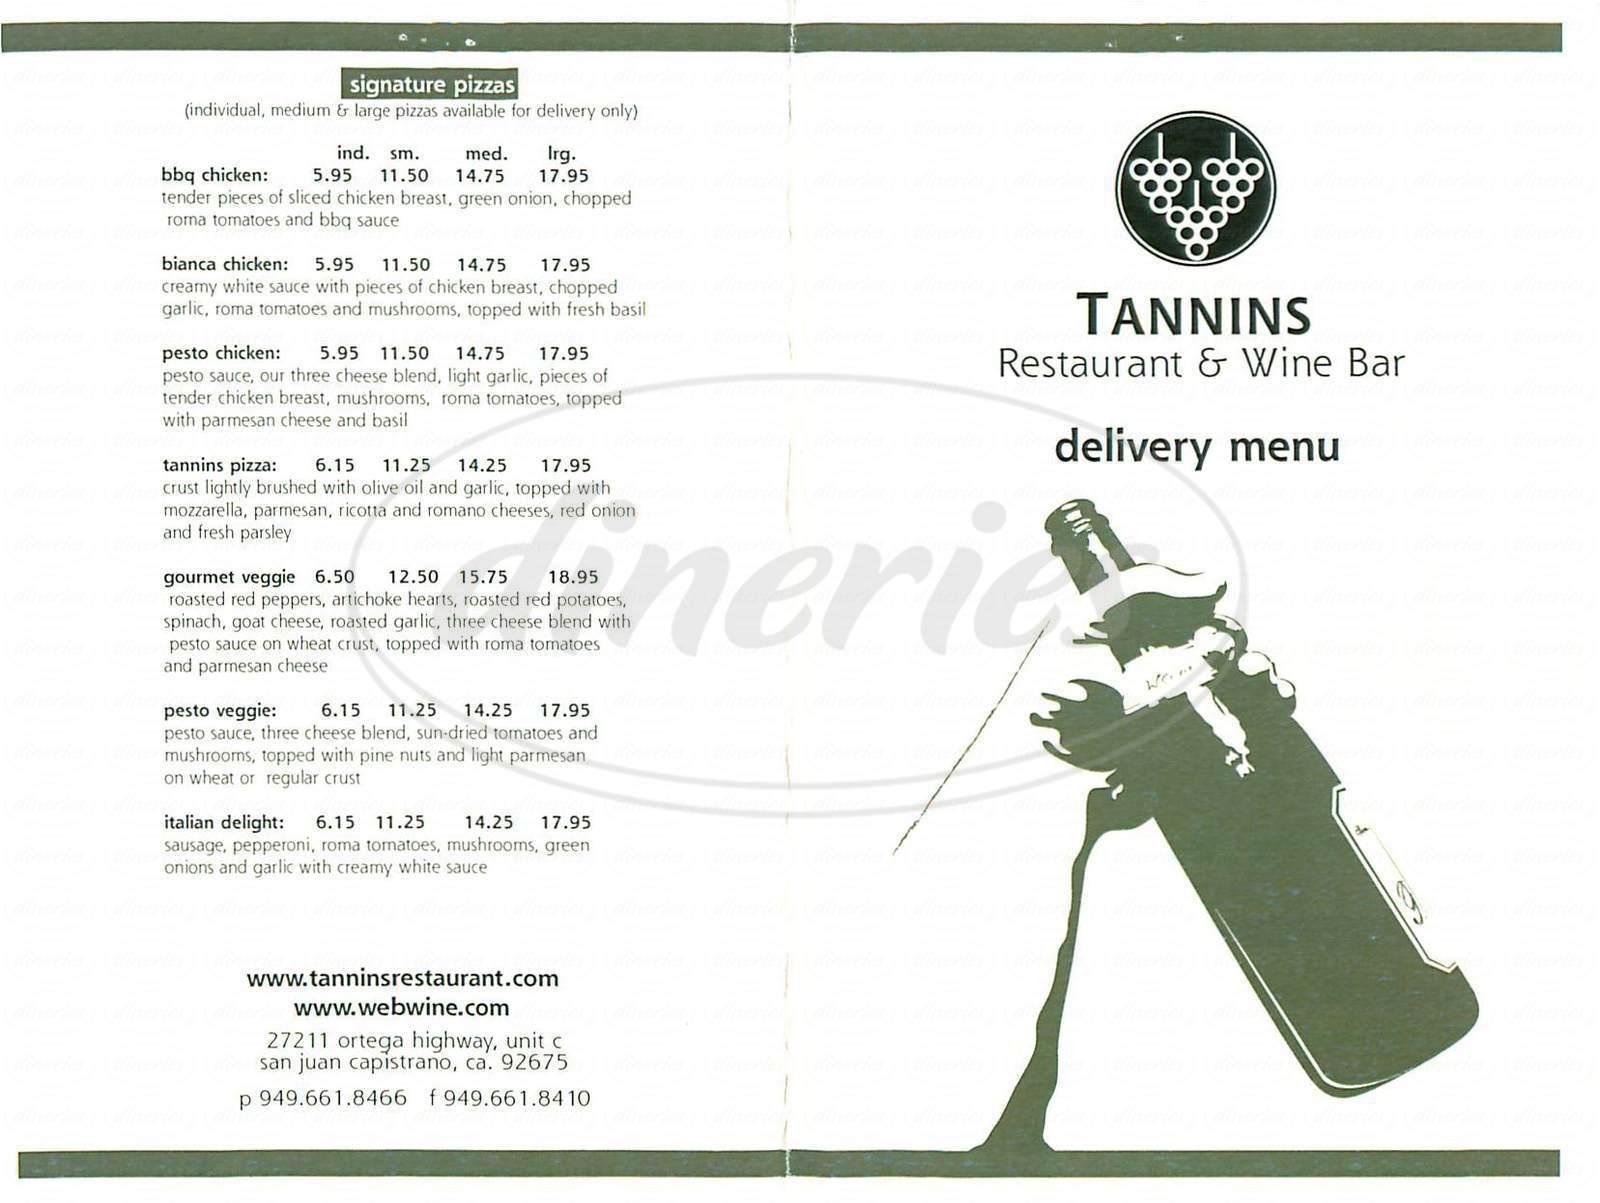 menu for Tannins